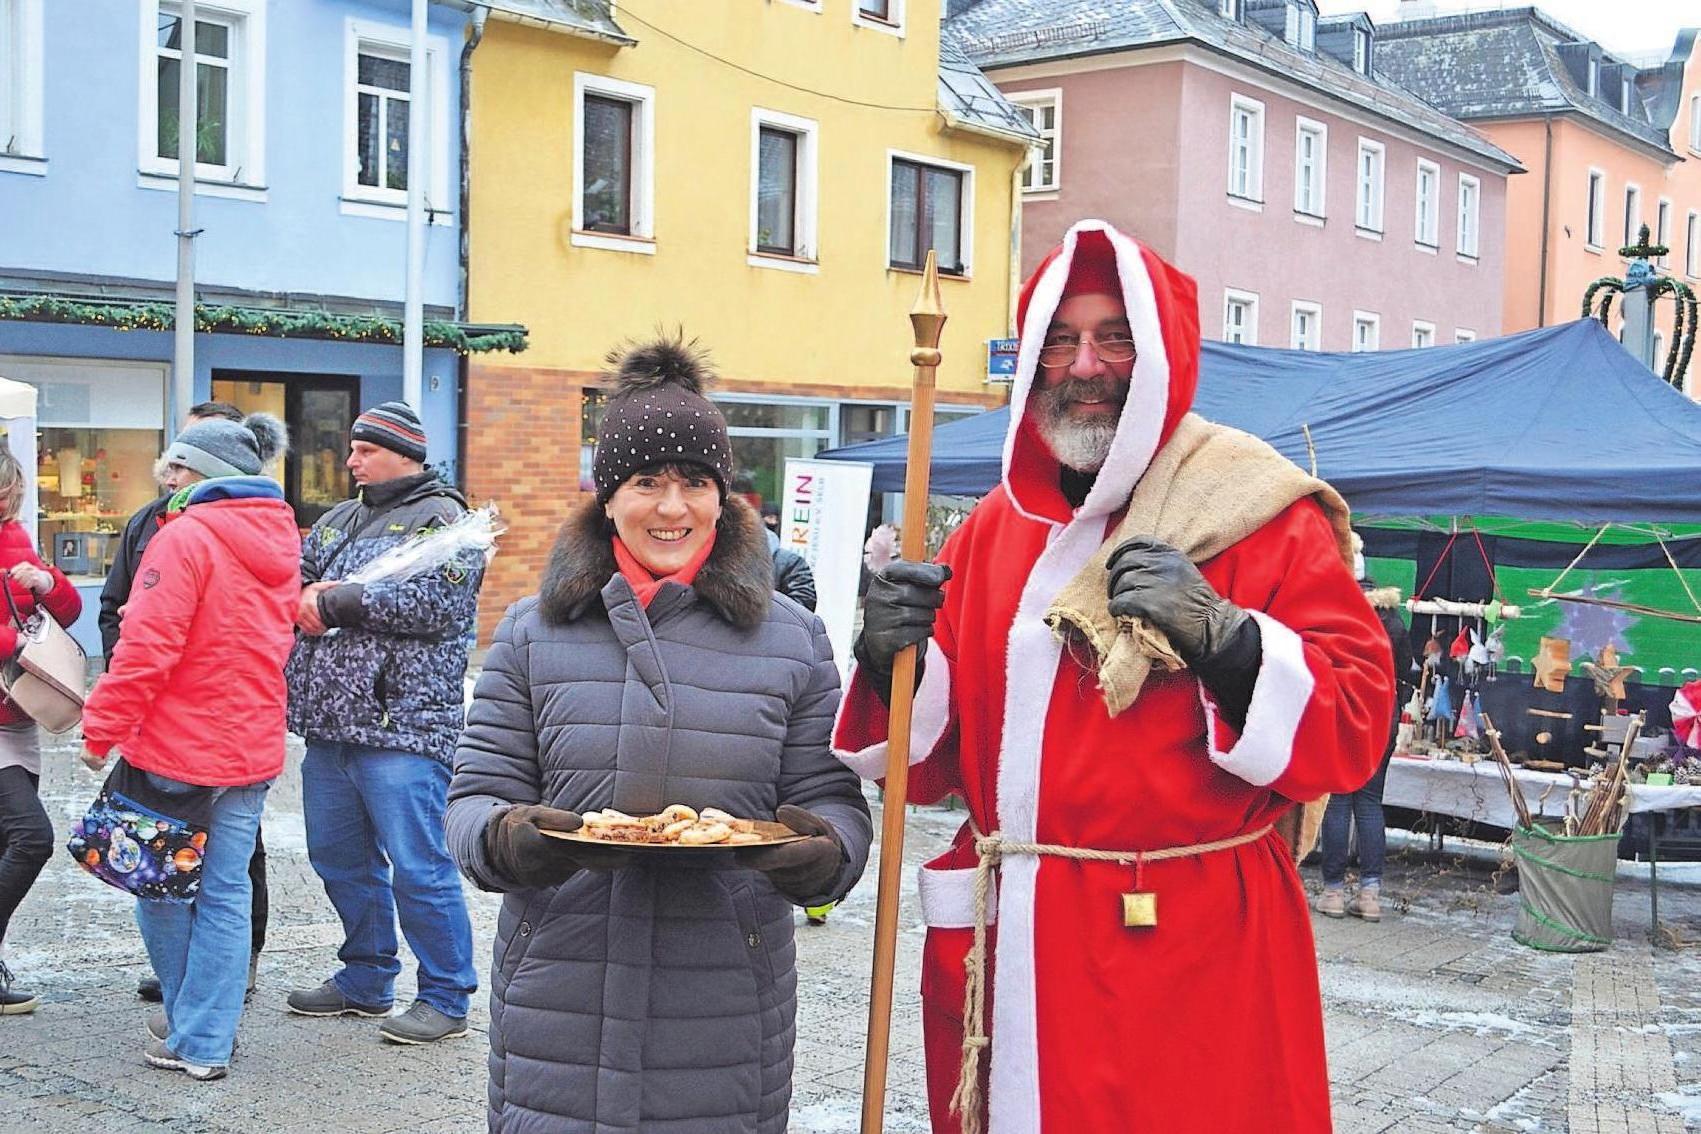 Am Samstag, 30. November, beginnt der karitative Weihnachtsmarkt auf dem Martin-Luther-Platz um 10 Uhr. Fotos: Silke Meier